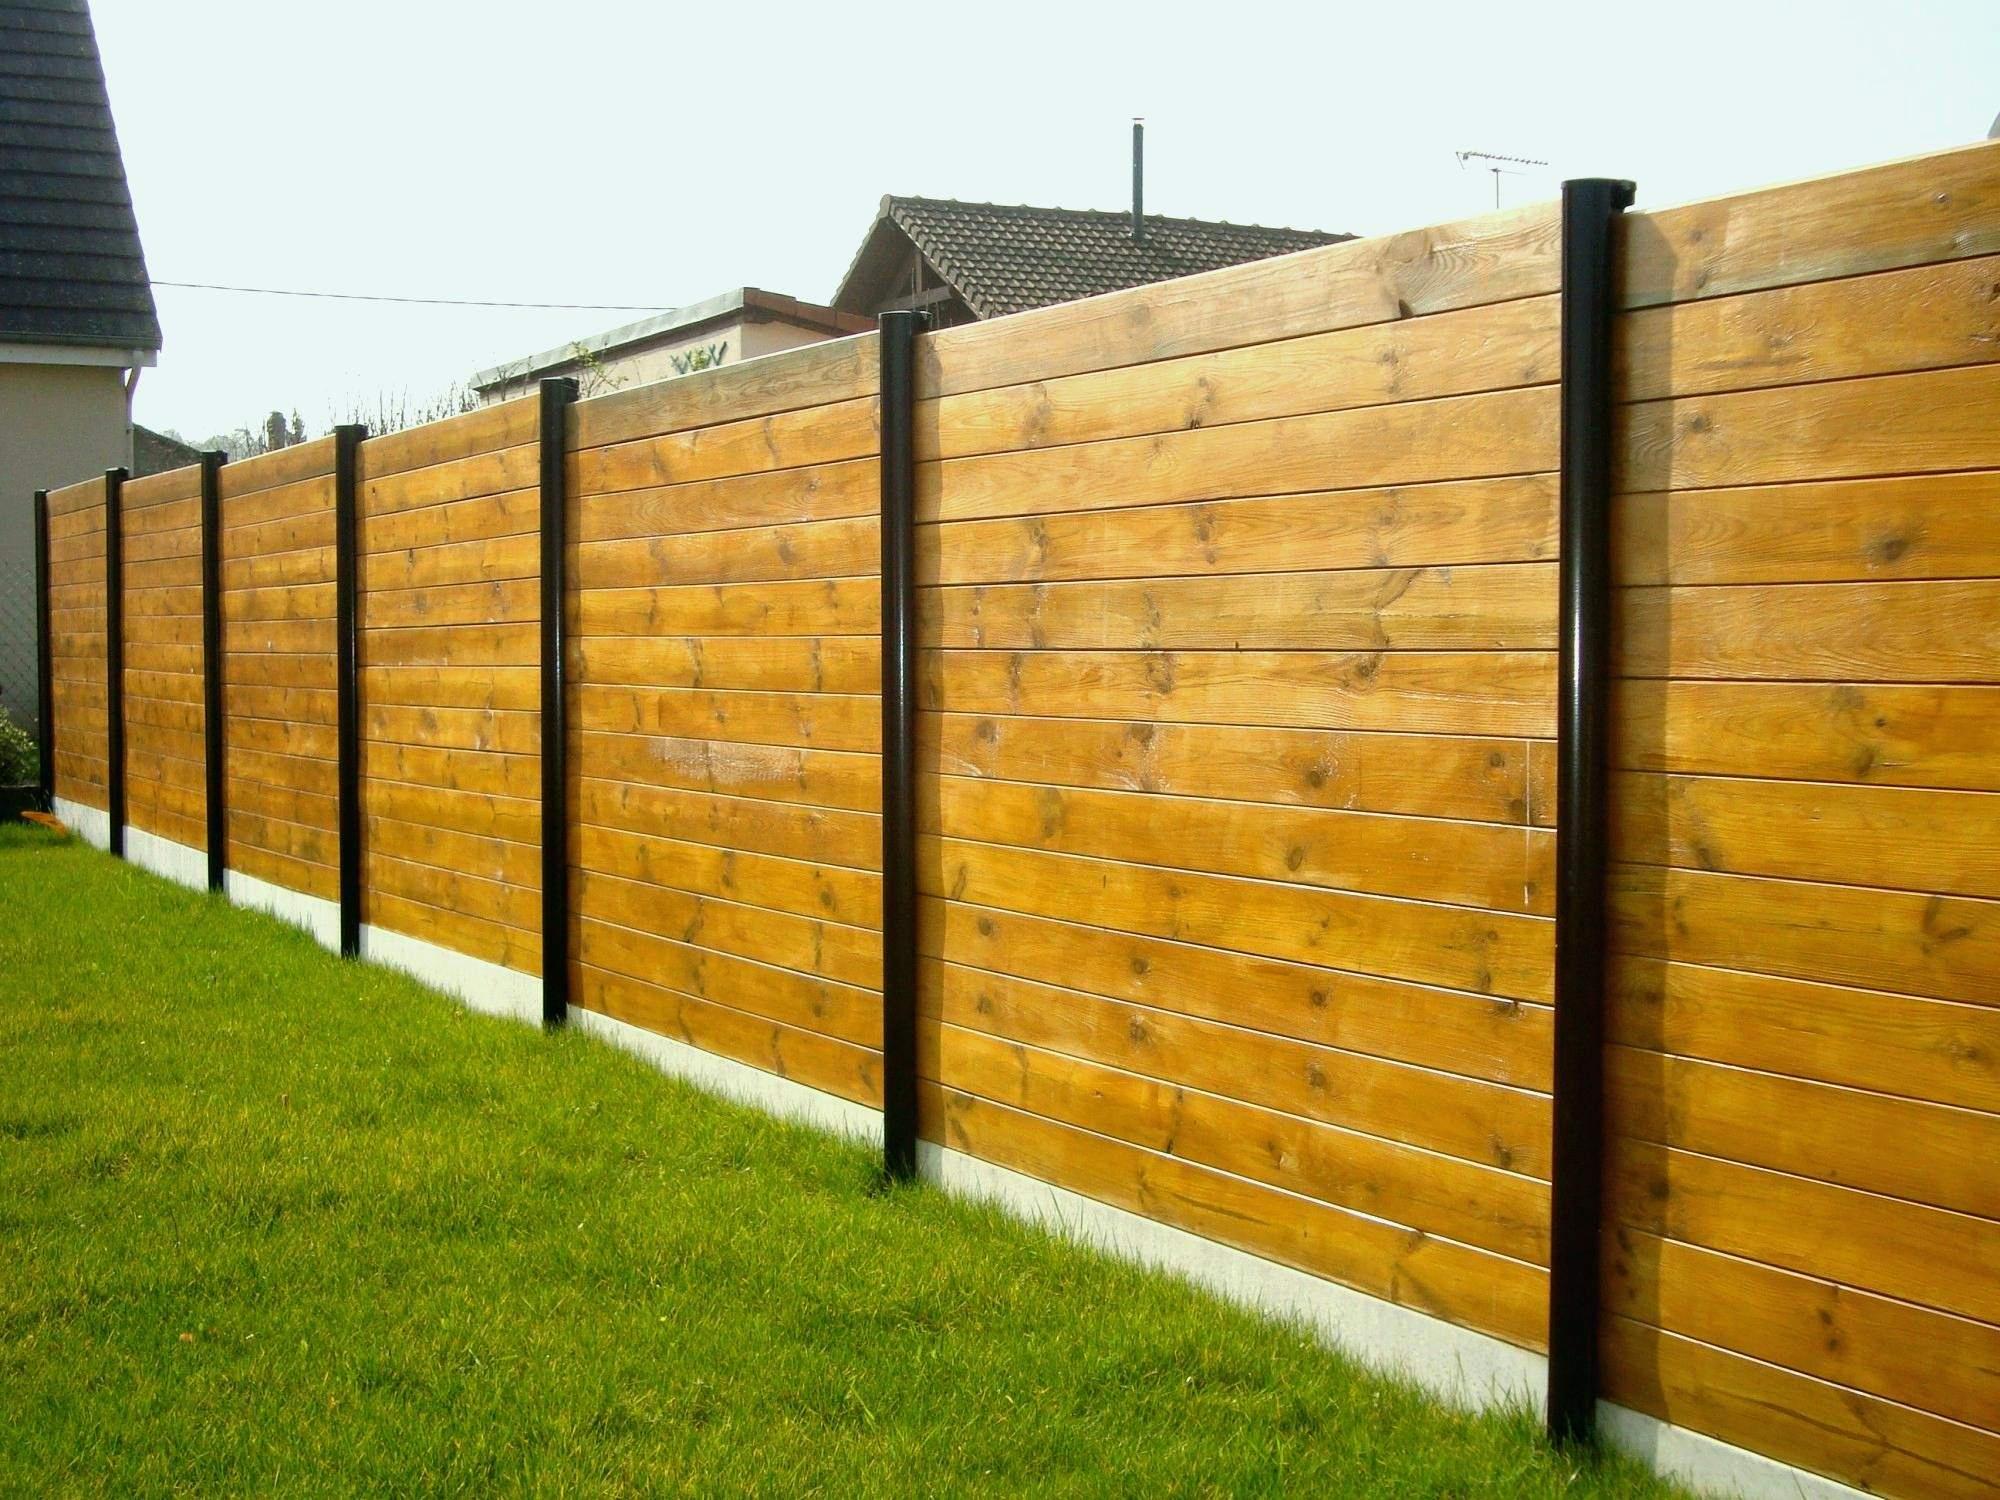 panneau jardin pas cher unique panneau en bois jardin unique clotures jardin beau cloture jardin 0d of panneau jardin pas cher